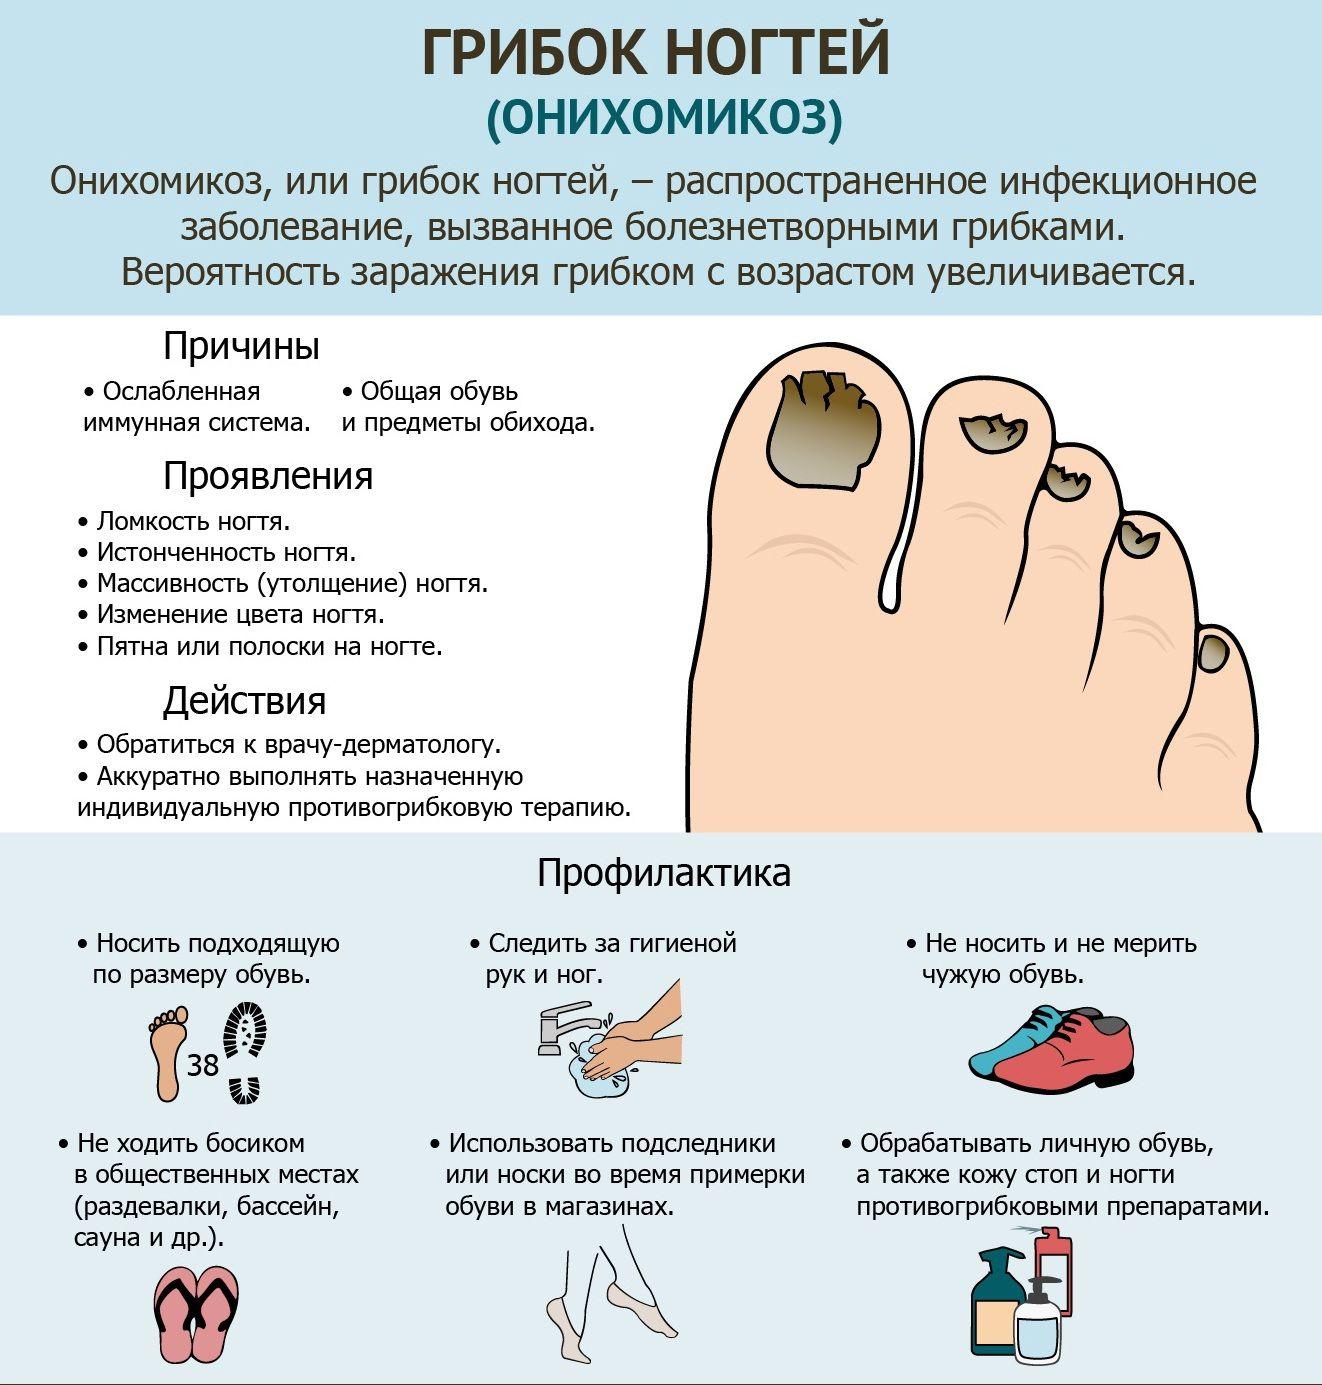 Инфографика: причины развития грибка